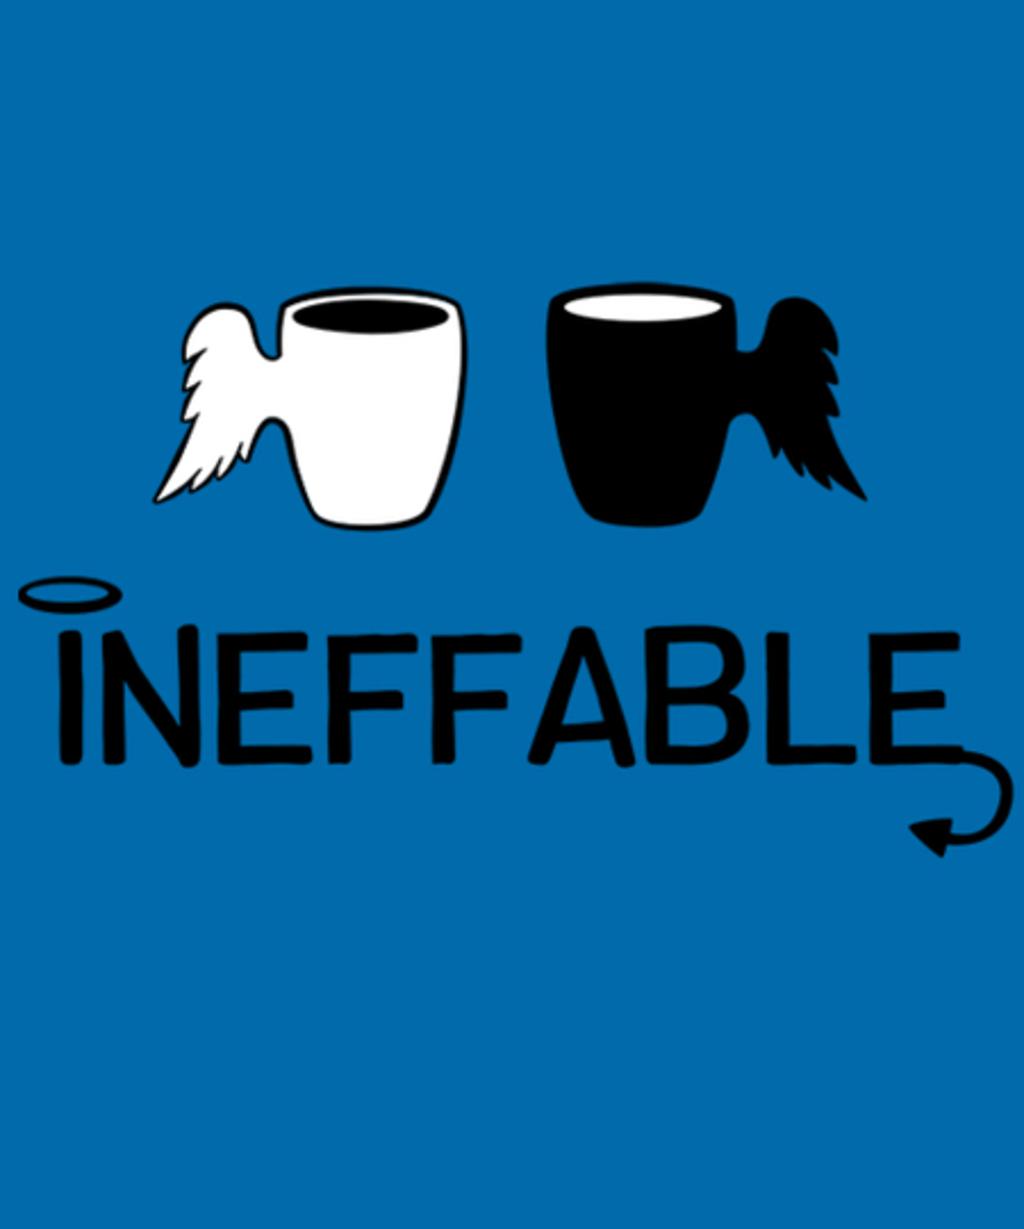 Qwertee: Ineffable